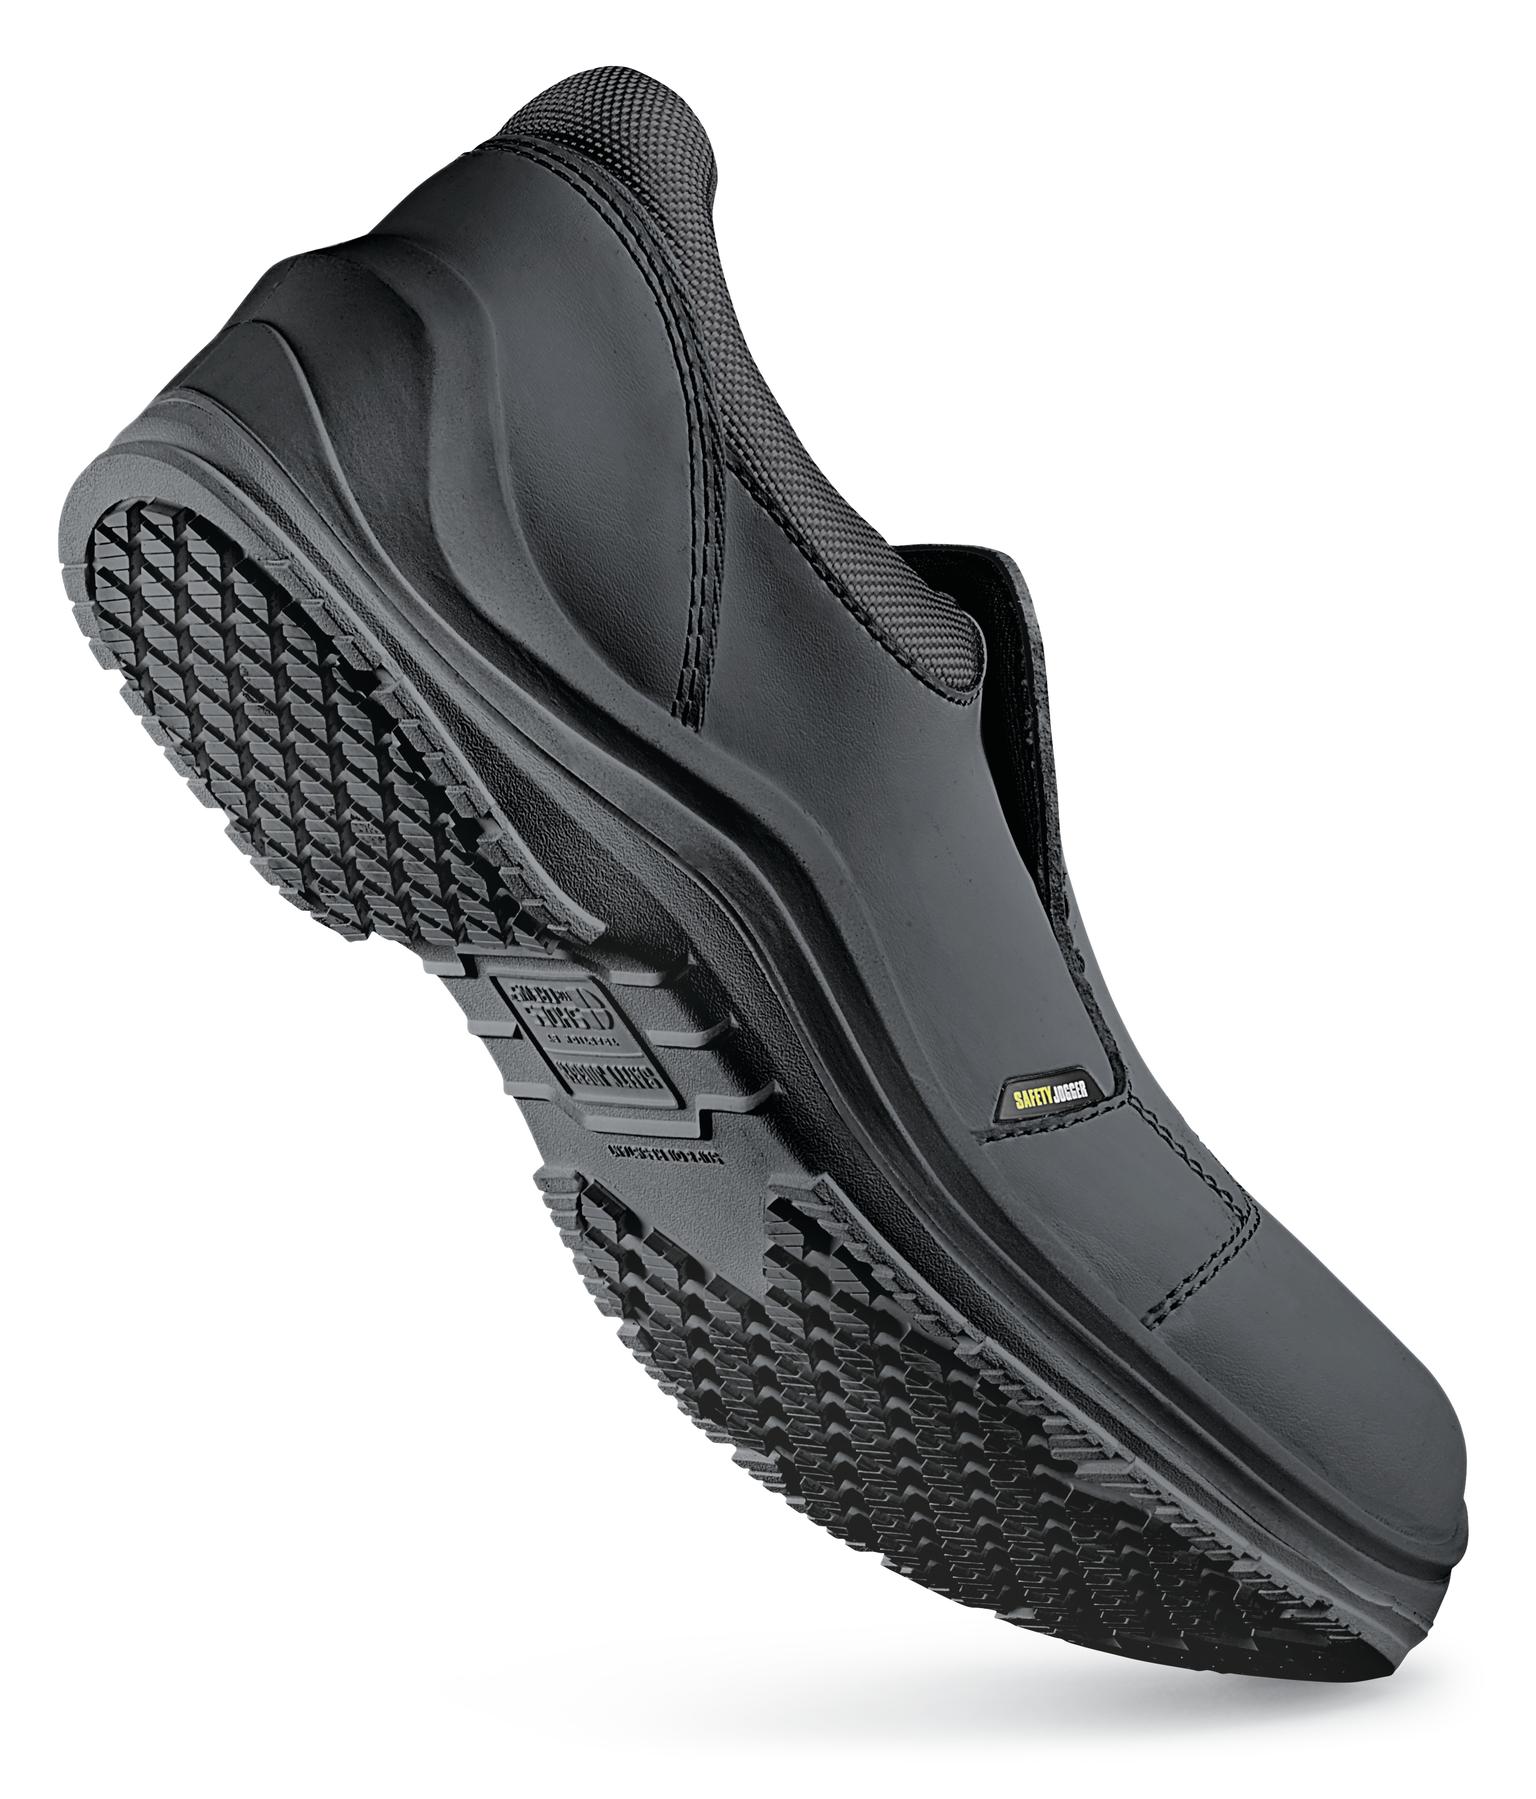 Shoes For Restaurants Slip Resistant